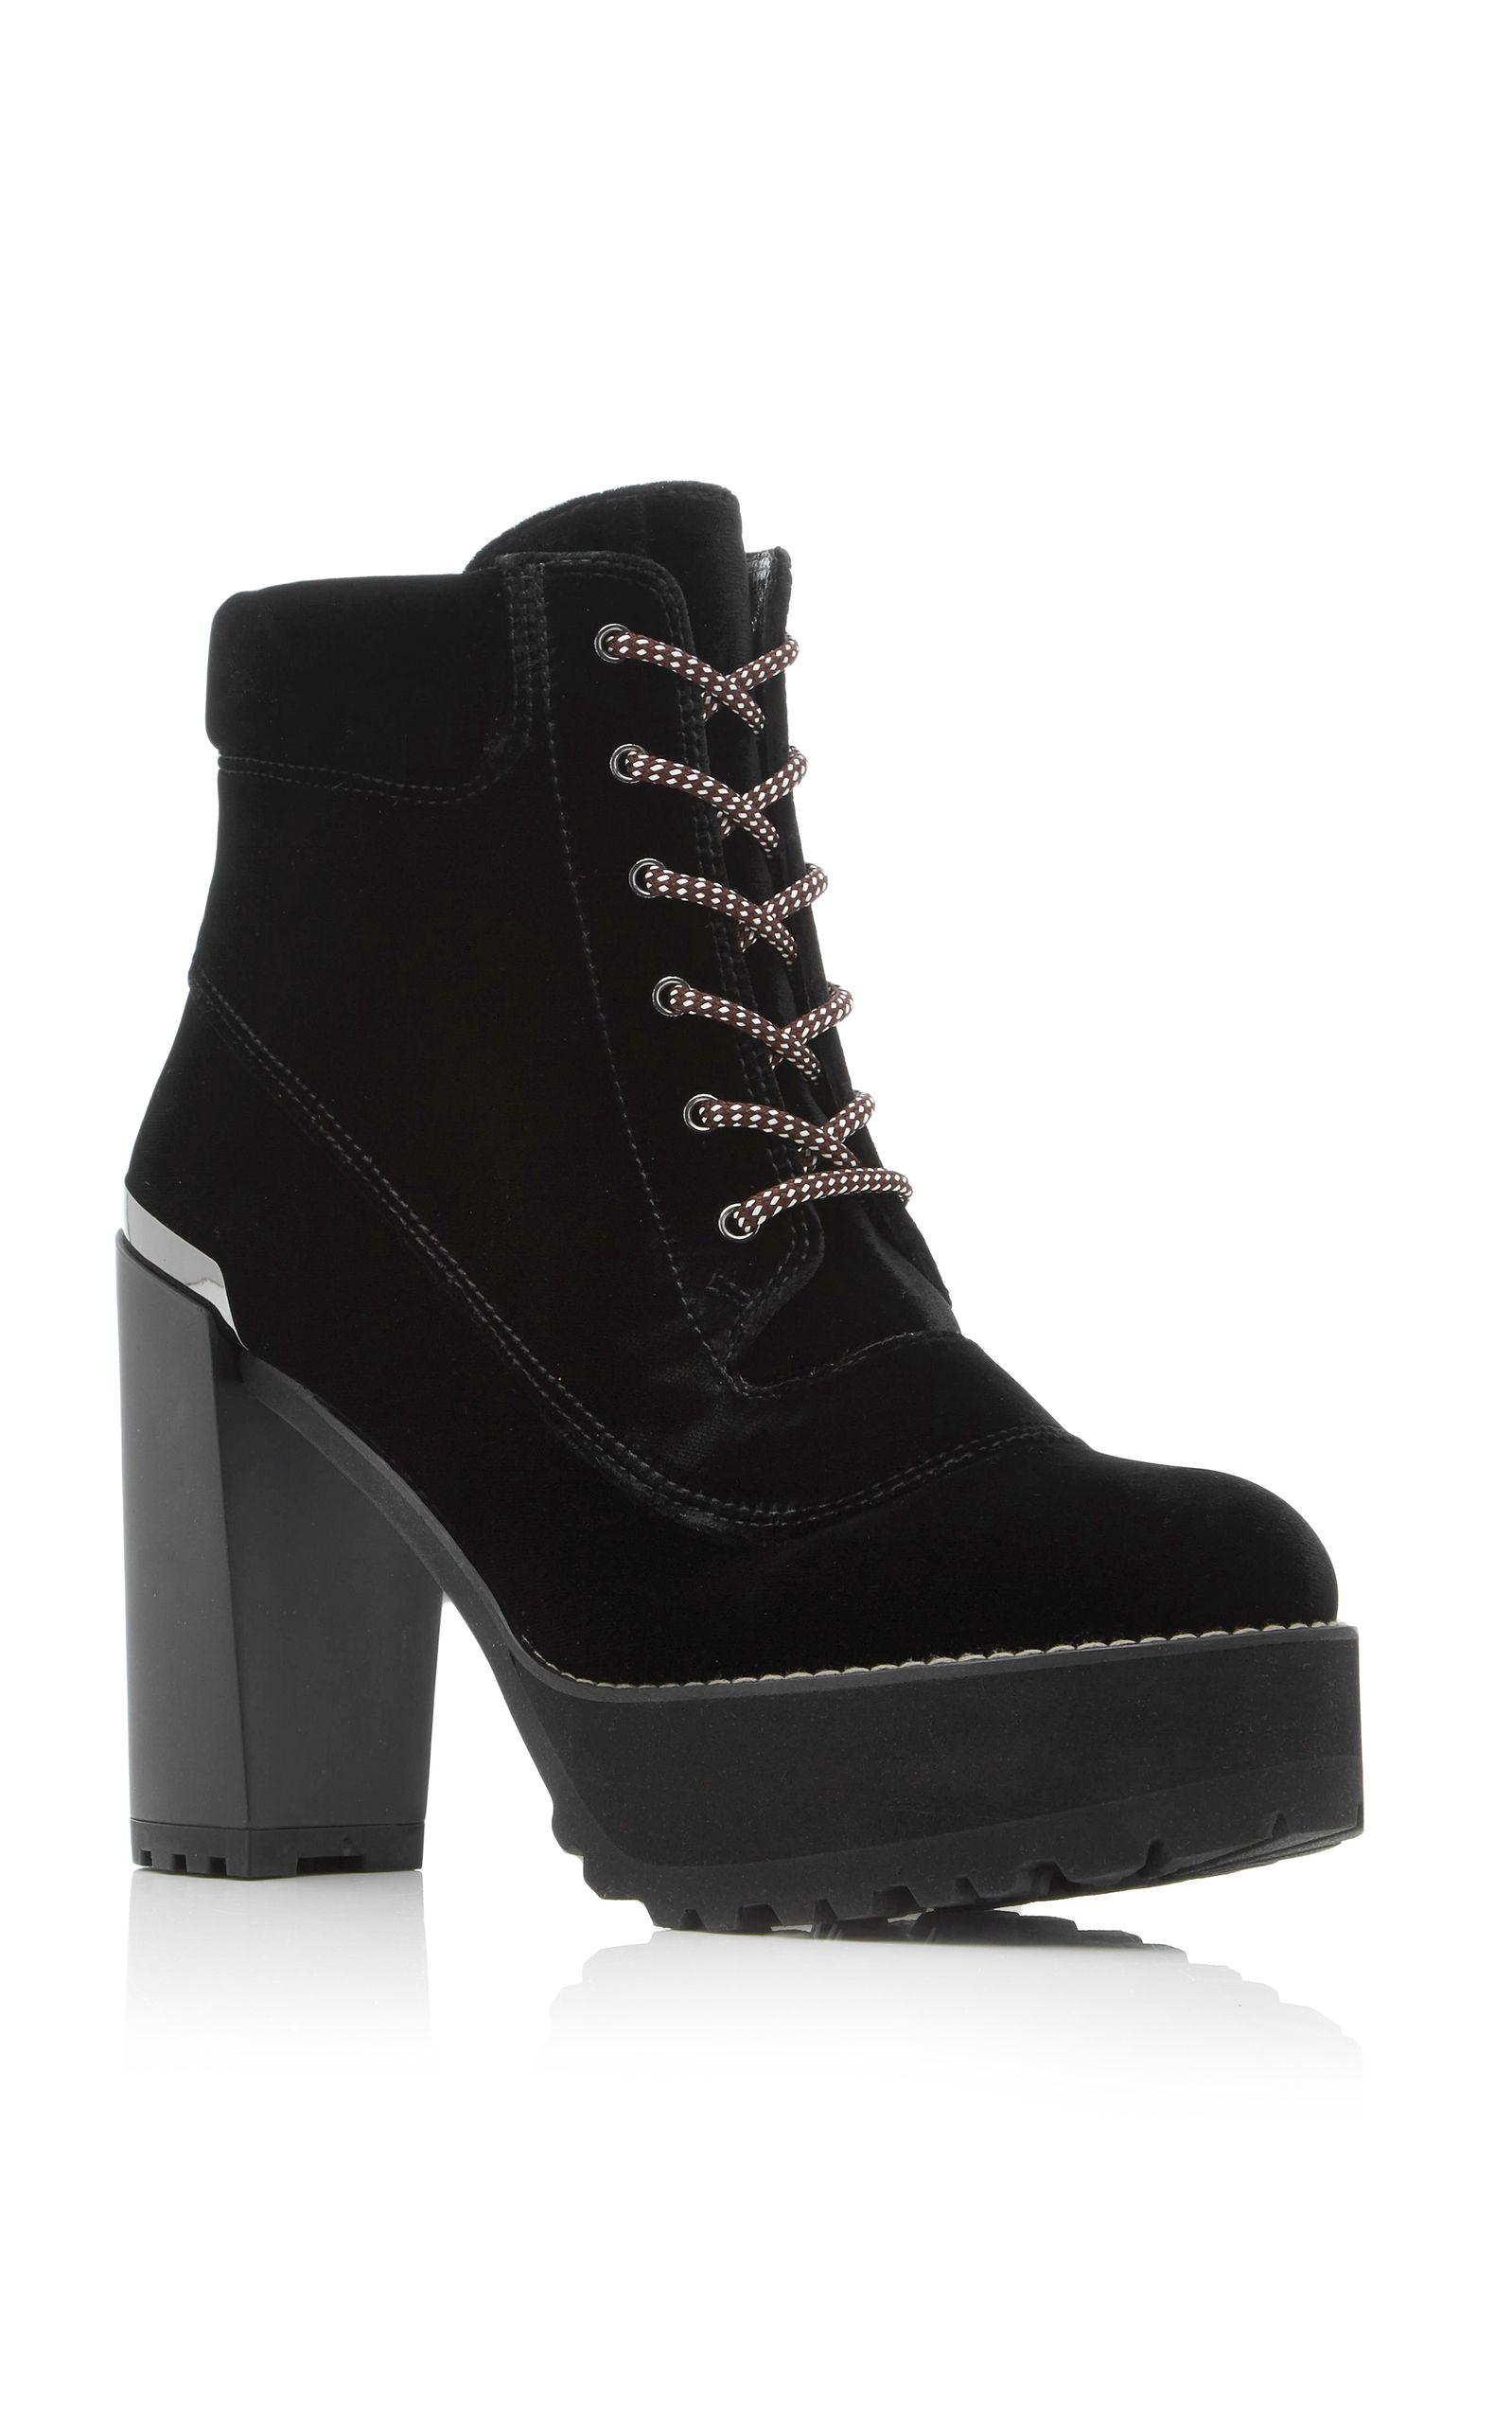 Stuart Weitzman Velvet Ankle Boots 0Rg7wFHdom